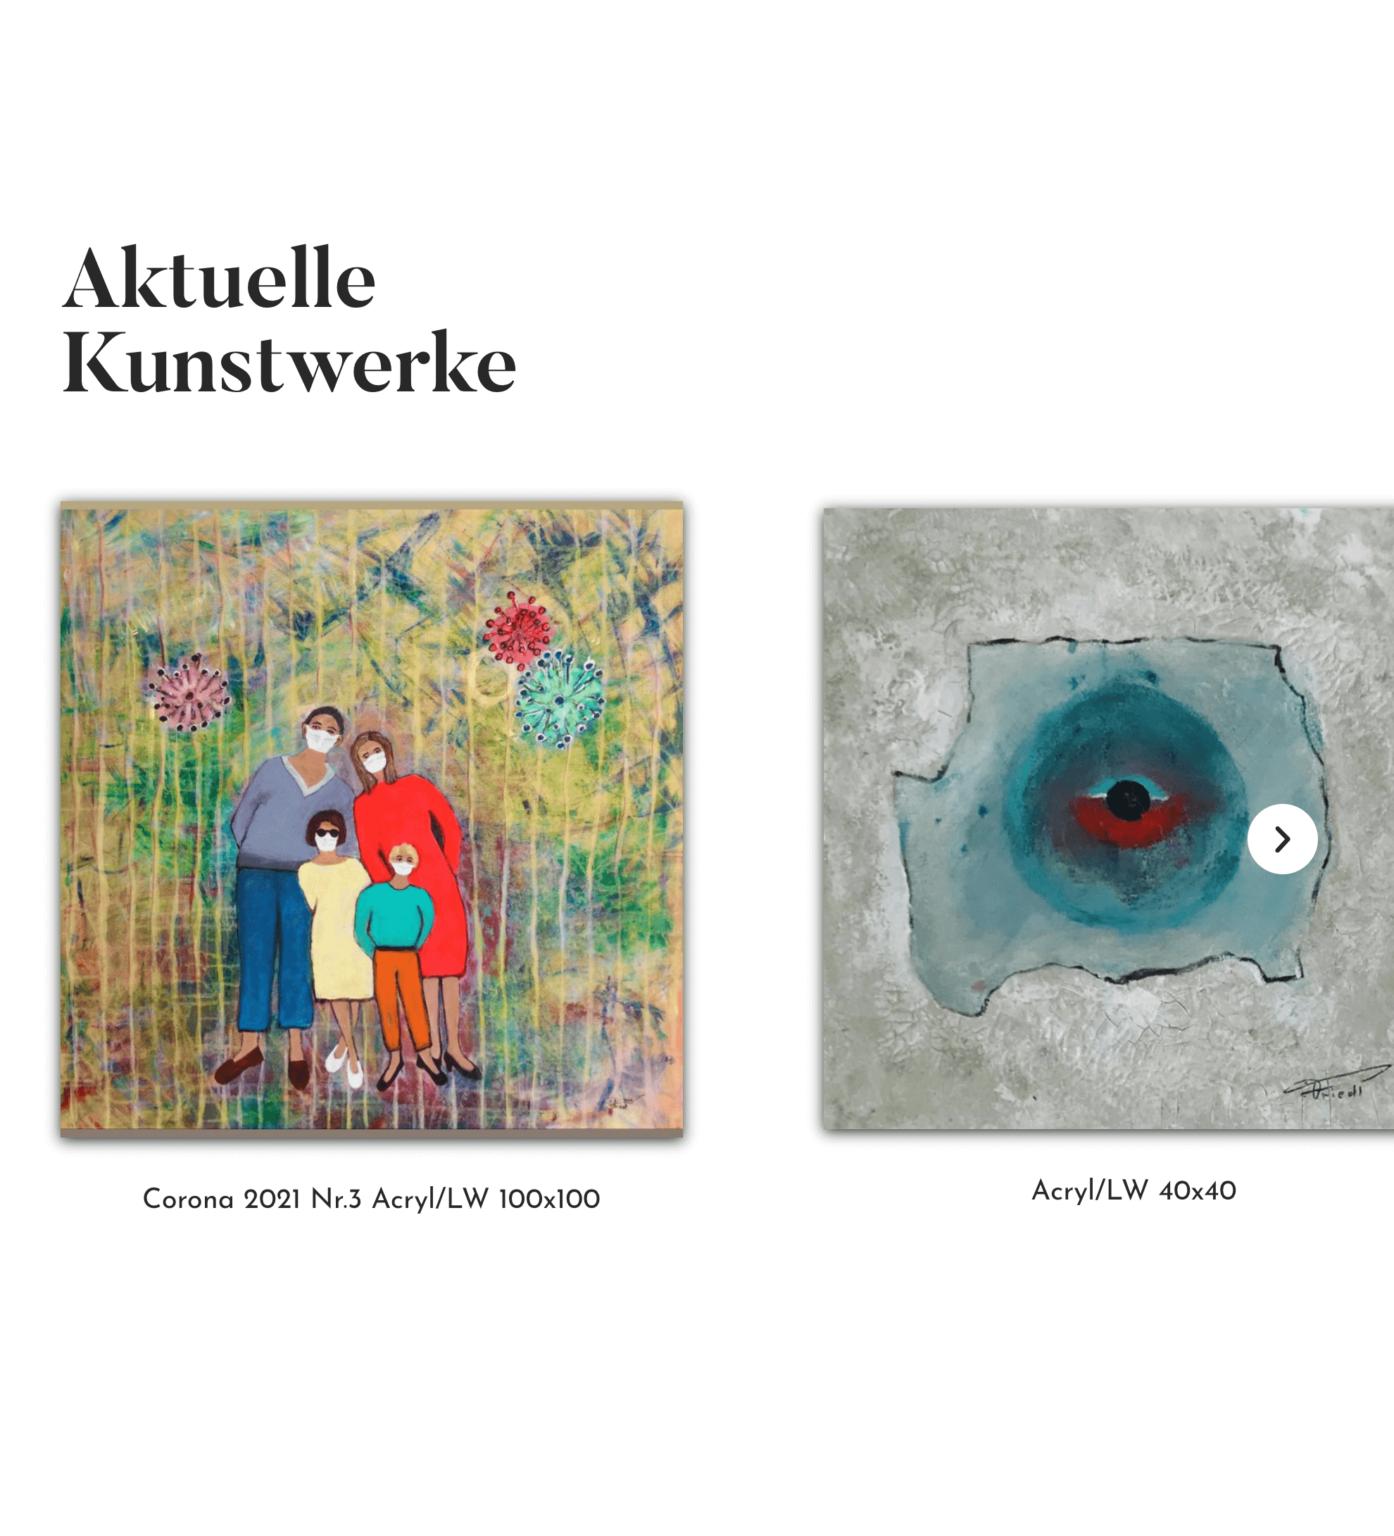 Friedl-Fischer-Aktuelle-Kunstwerke